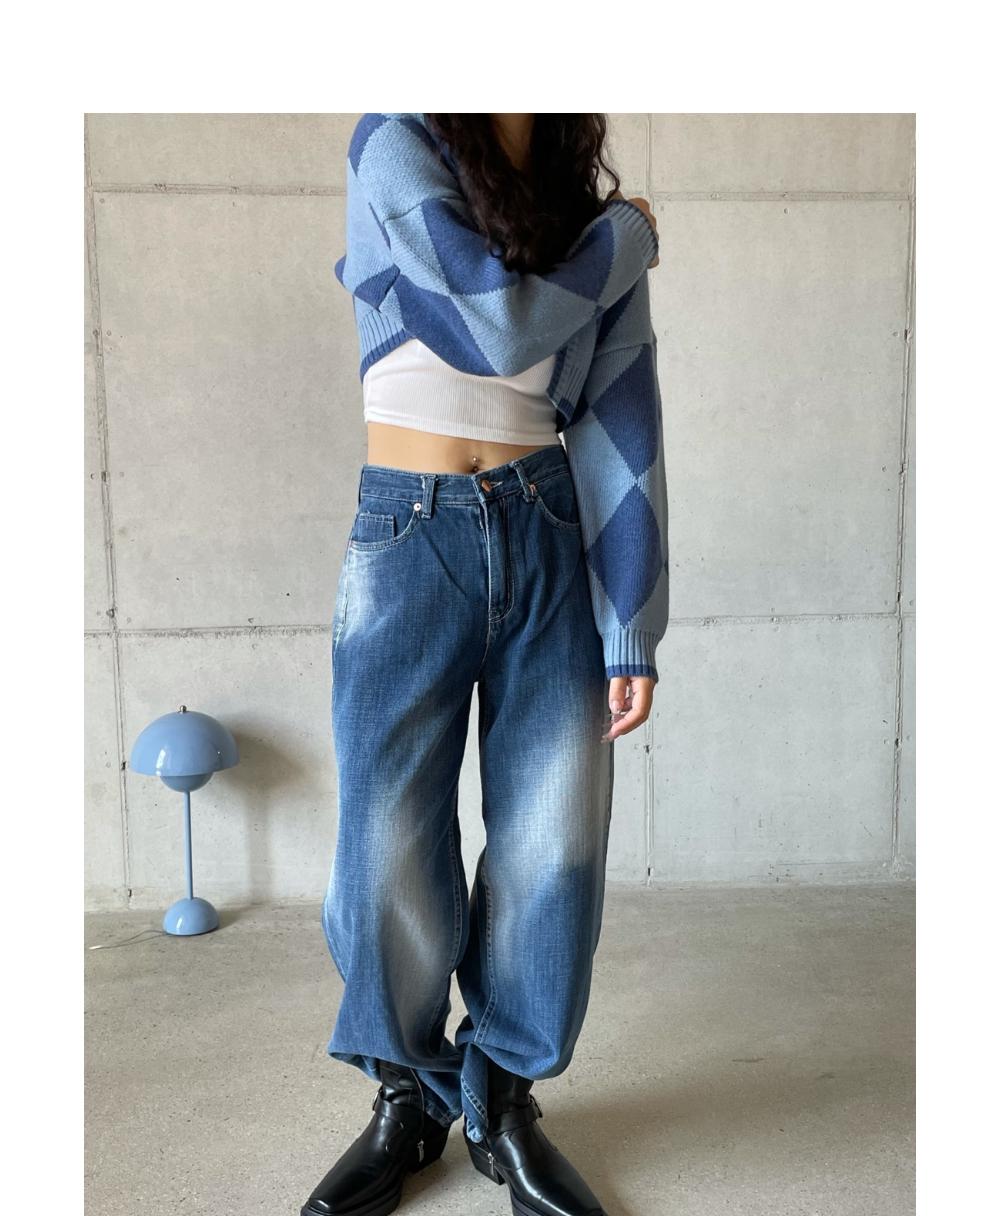 바지 모델 착용 이미지-S2L7